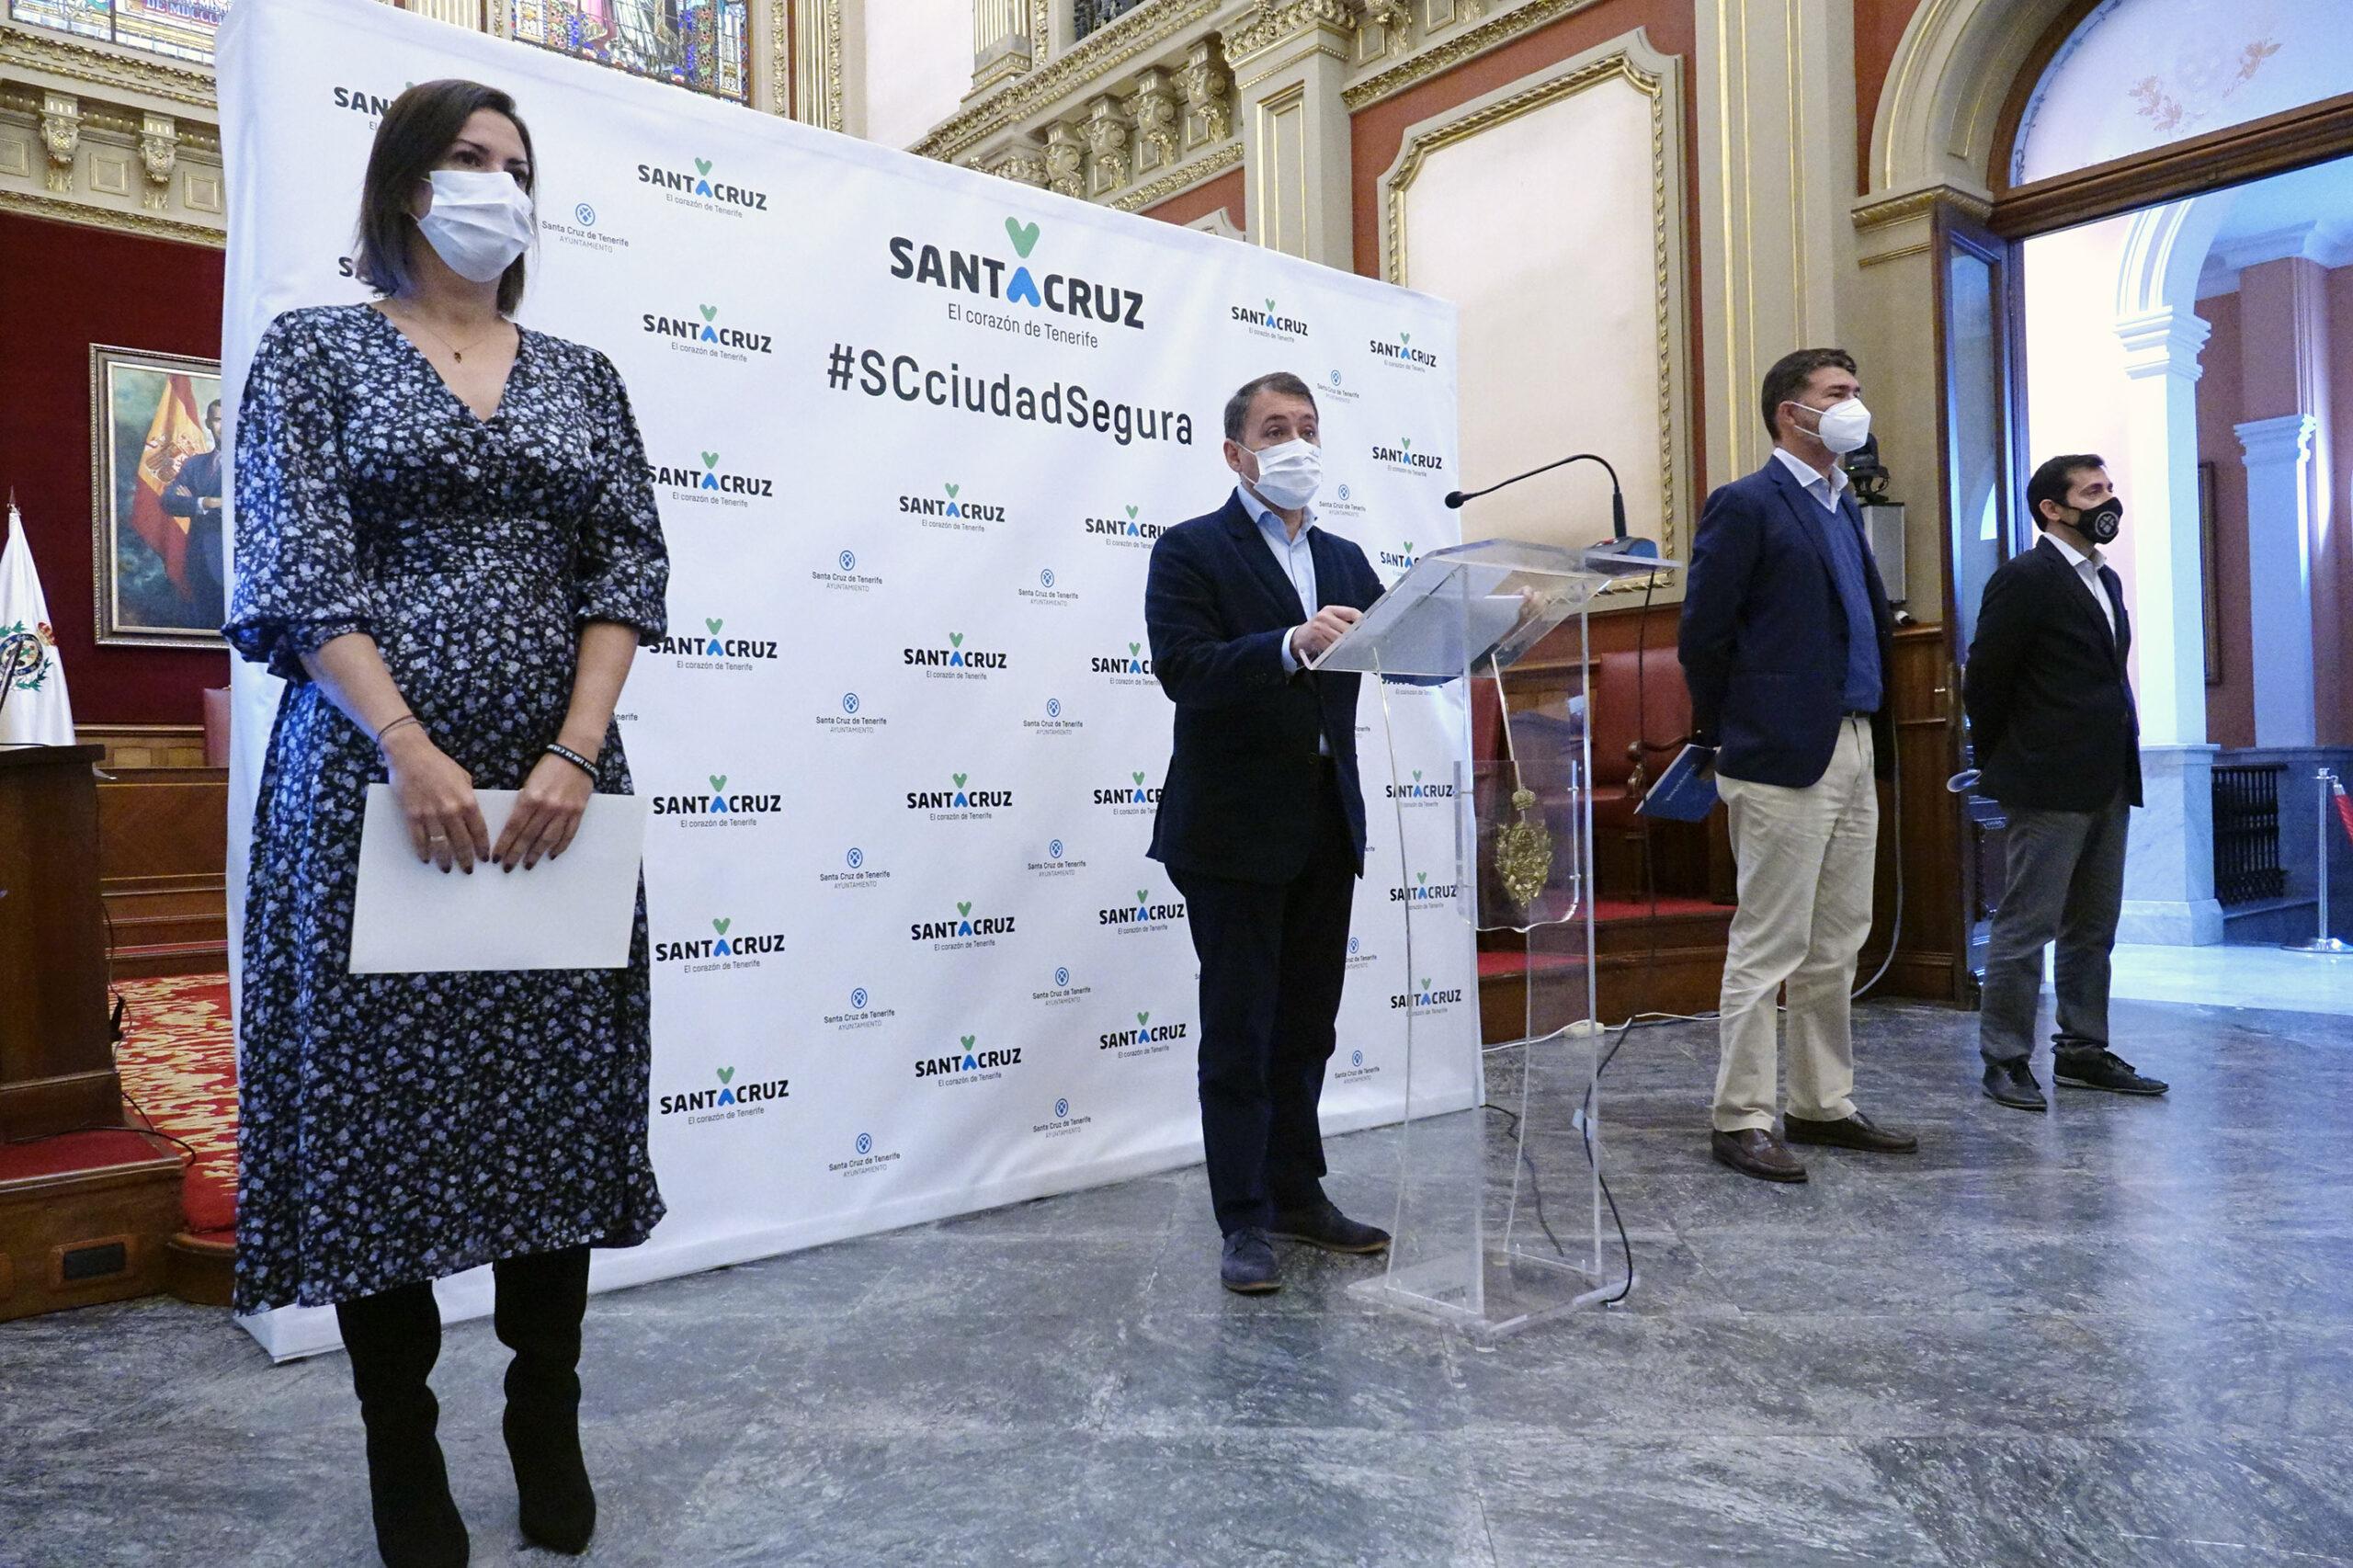 Santa Cruz aspira a 619 millones de la UE para 191 proyectos, dirigidos a personas, empresas y sostenibilidad